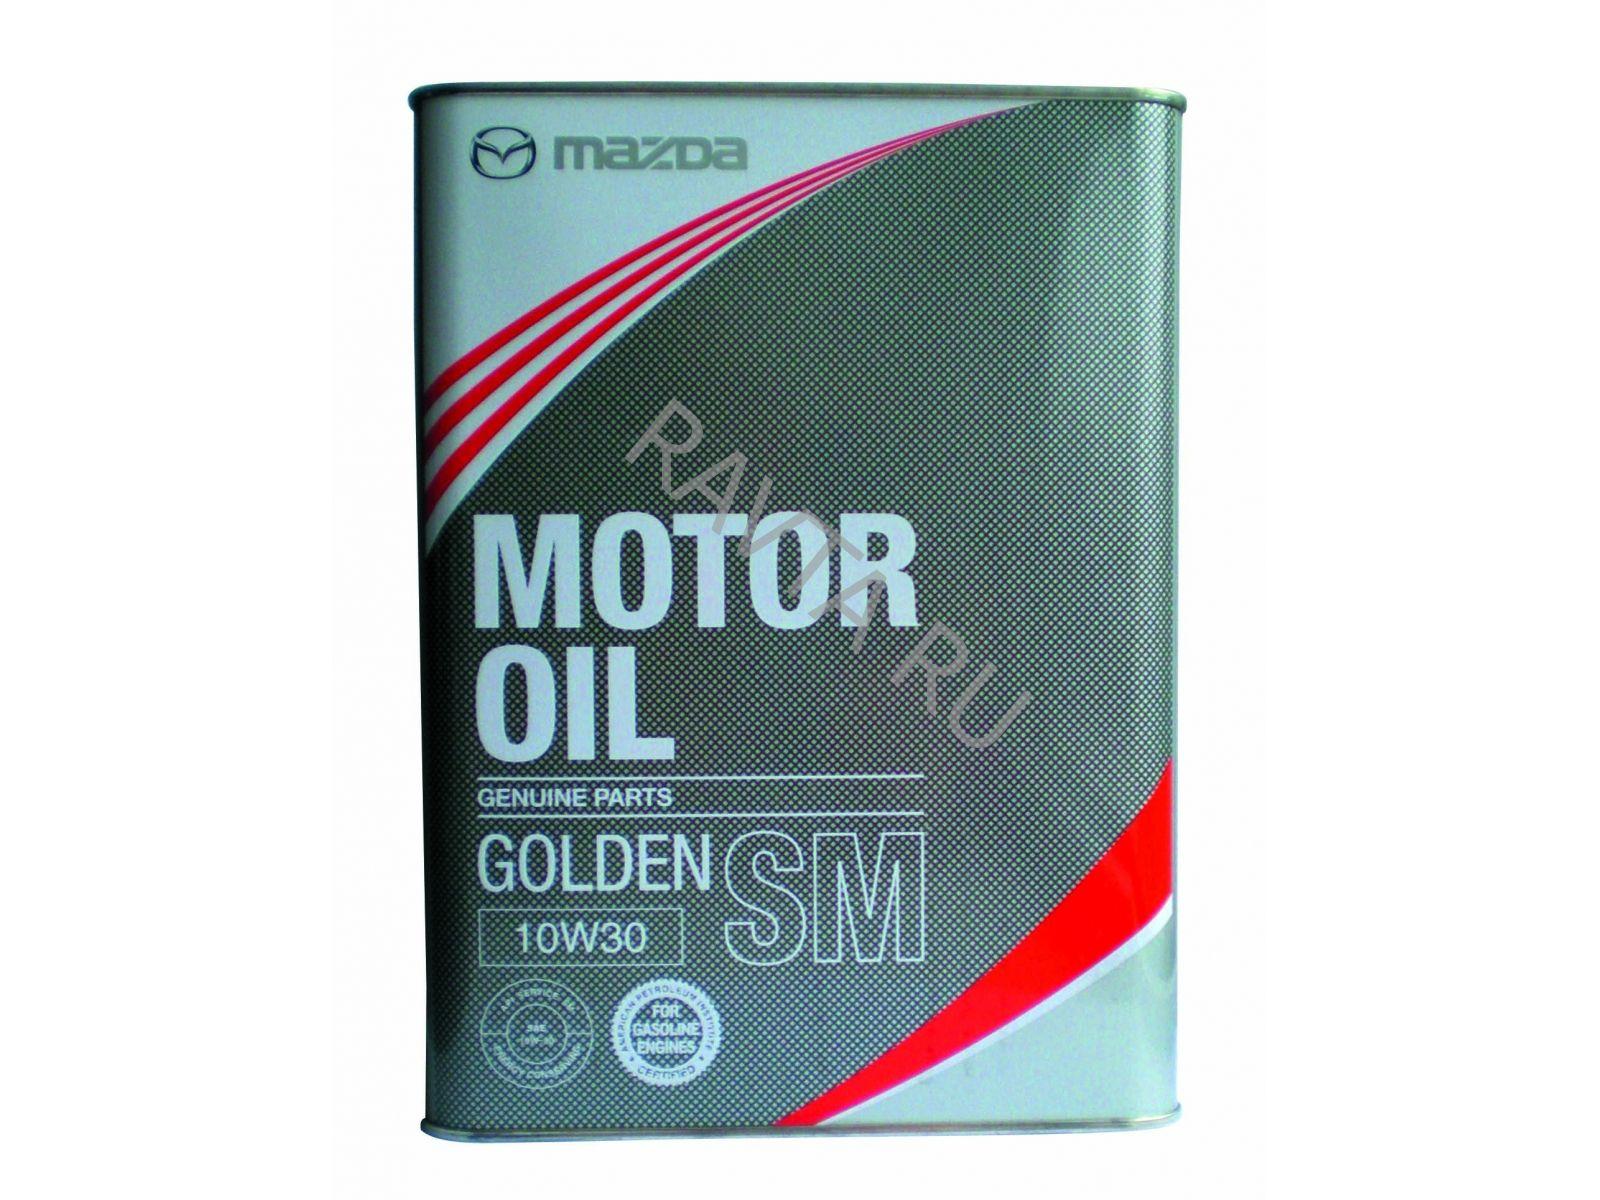 Масло Mazda Golden SM 10W 30 (4л)Mazda<br><br><br>Артикул: K004-W0-513J<br>Тип масла: Моторное<br>Вязкость по SAE: 10W-30<br>API: SM<br>Вид двигателя: 4-х тактный<br>Бренд: Mazda<br>Объем (л): 4<br>Применение масла: легковые автомобили и лёгкие грузовики<br>Объем (л): 4